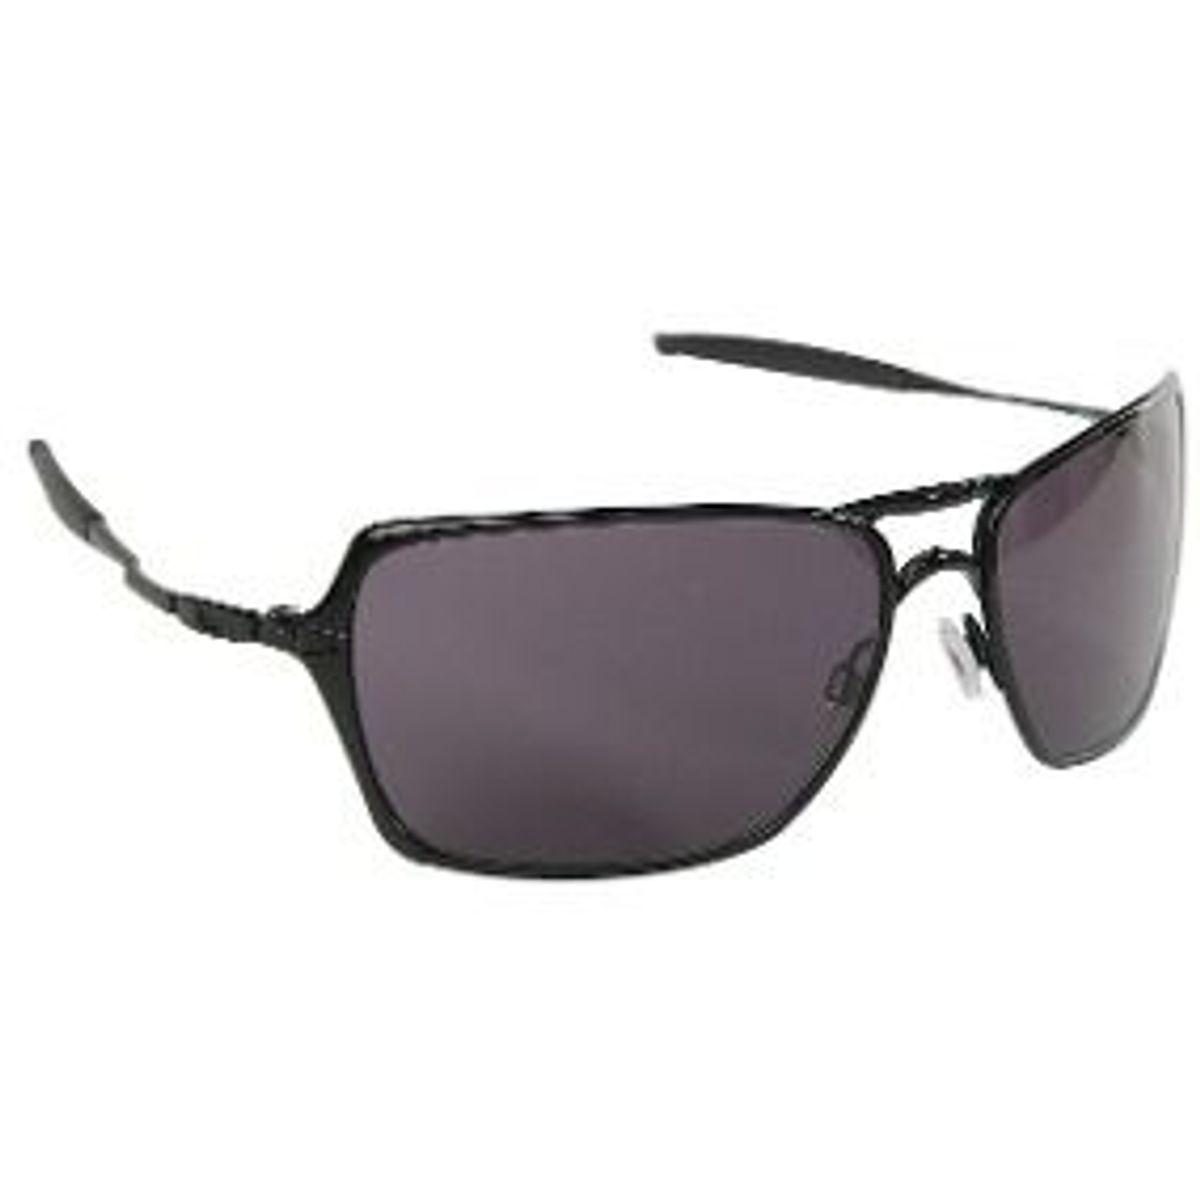 9ad5e0b59d8f0 Oculos Oakley Inmate Novo Na Caixa Preto Oferta